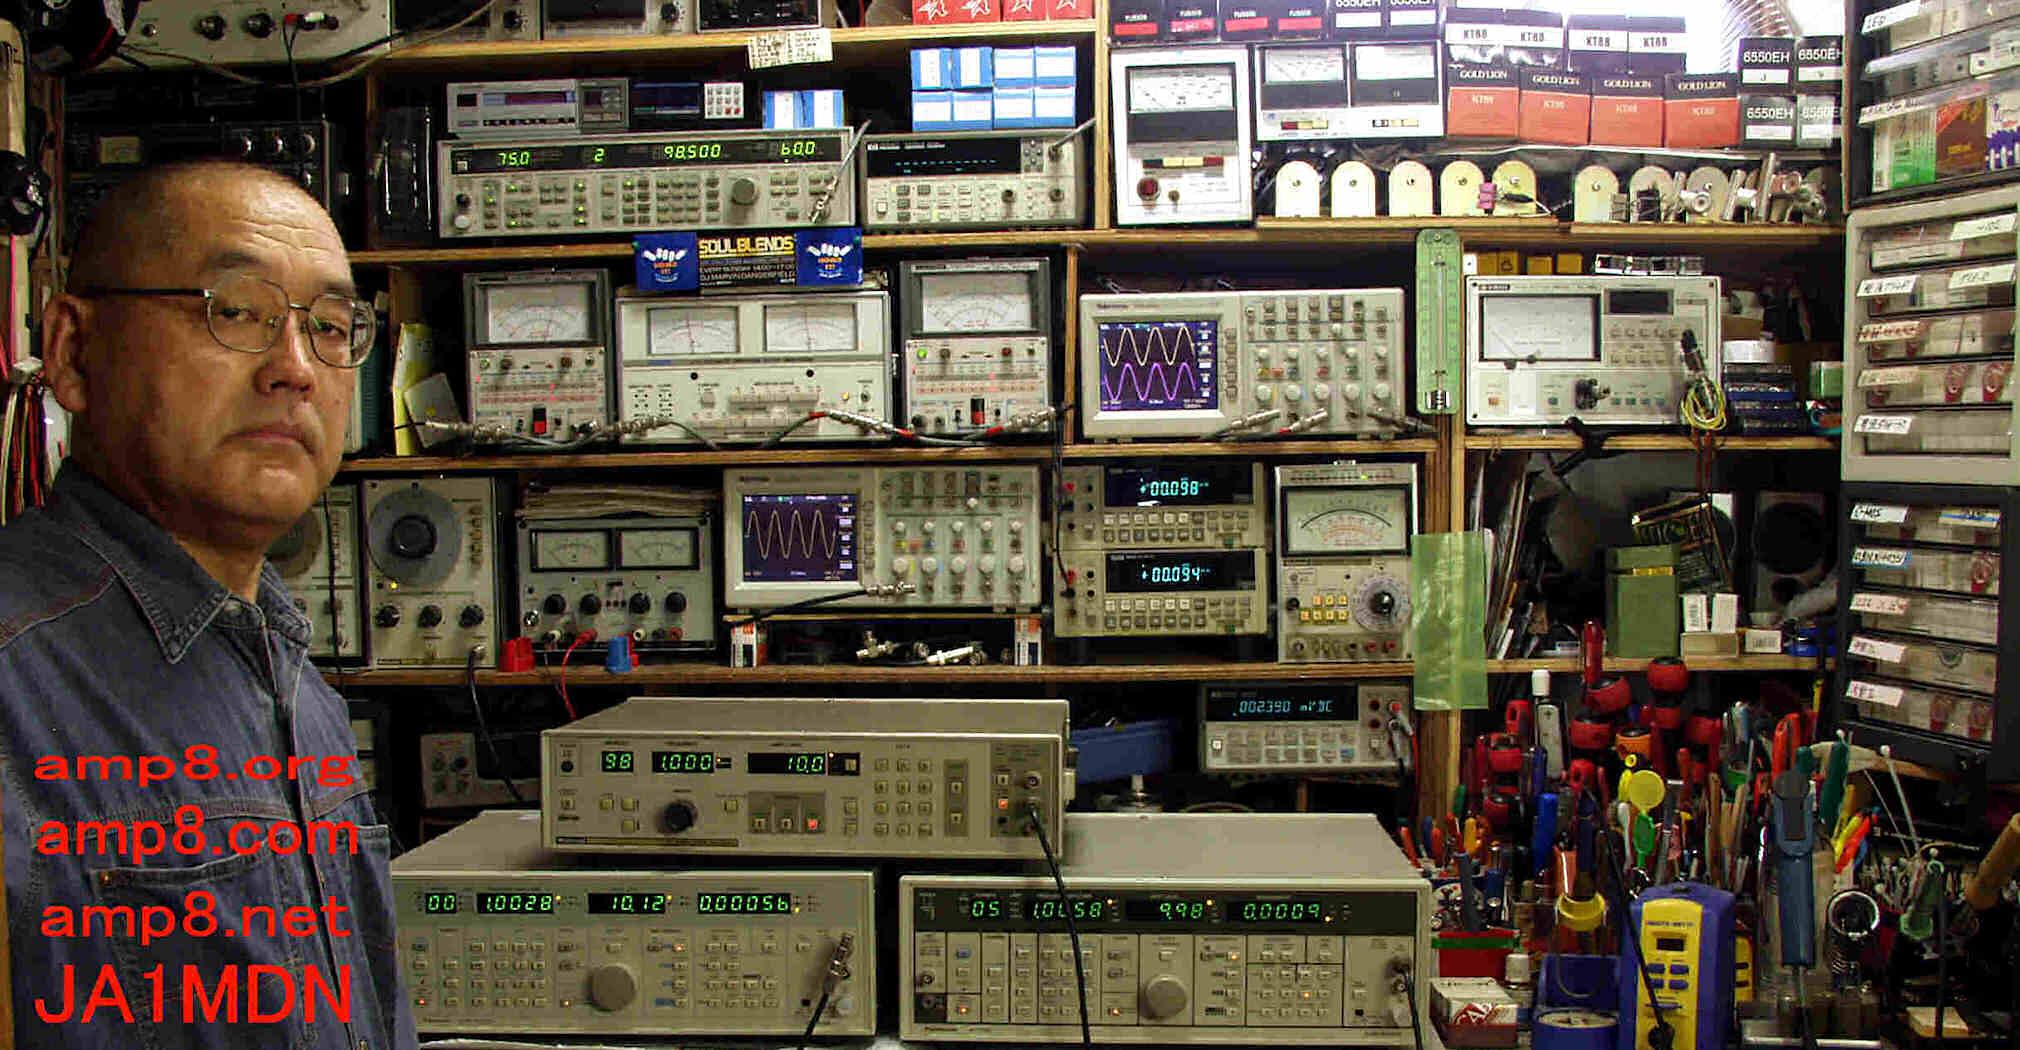 Amateur radio Repair Record